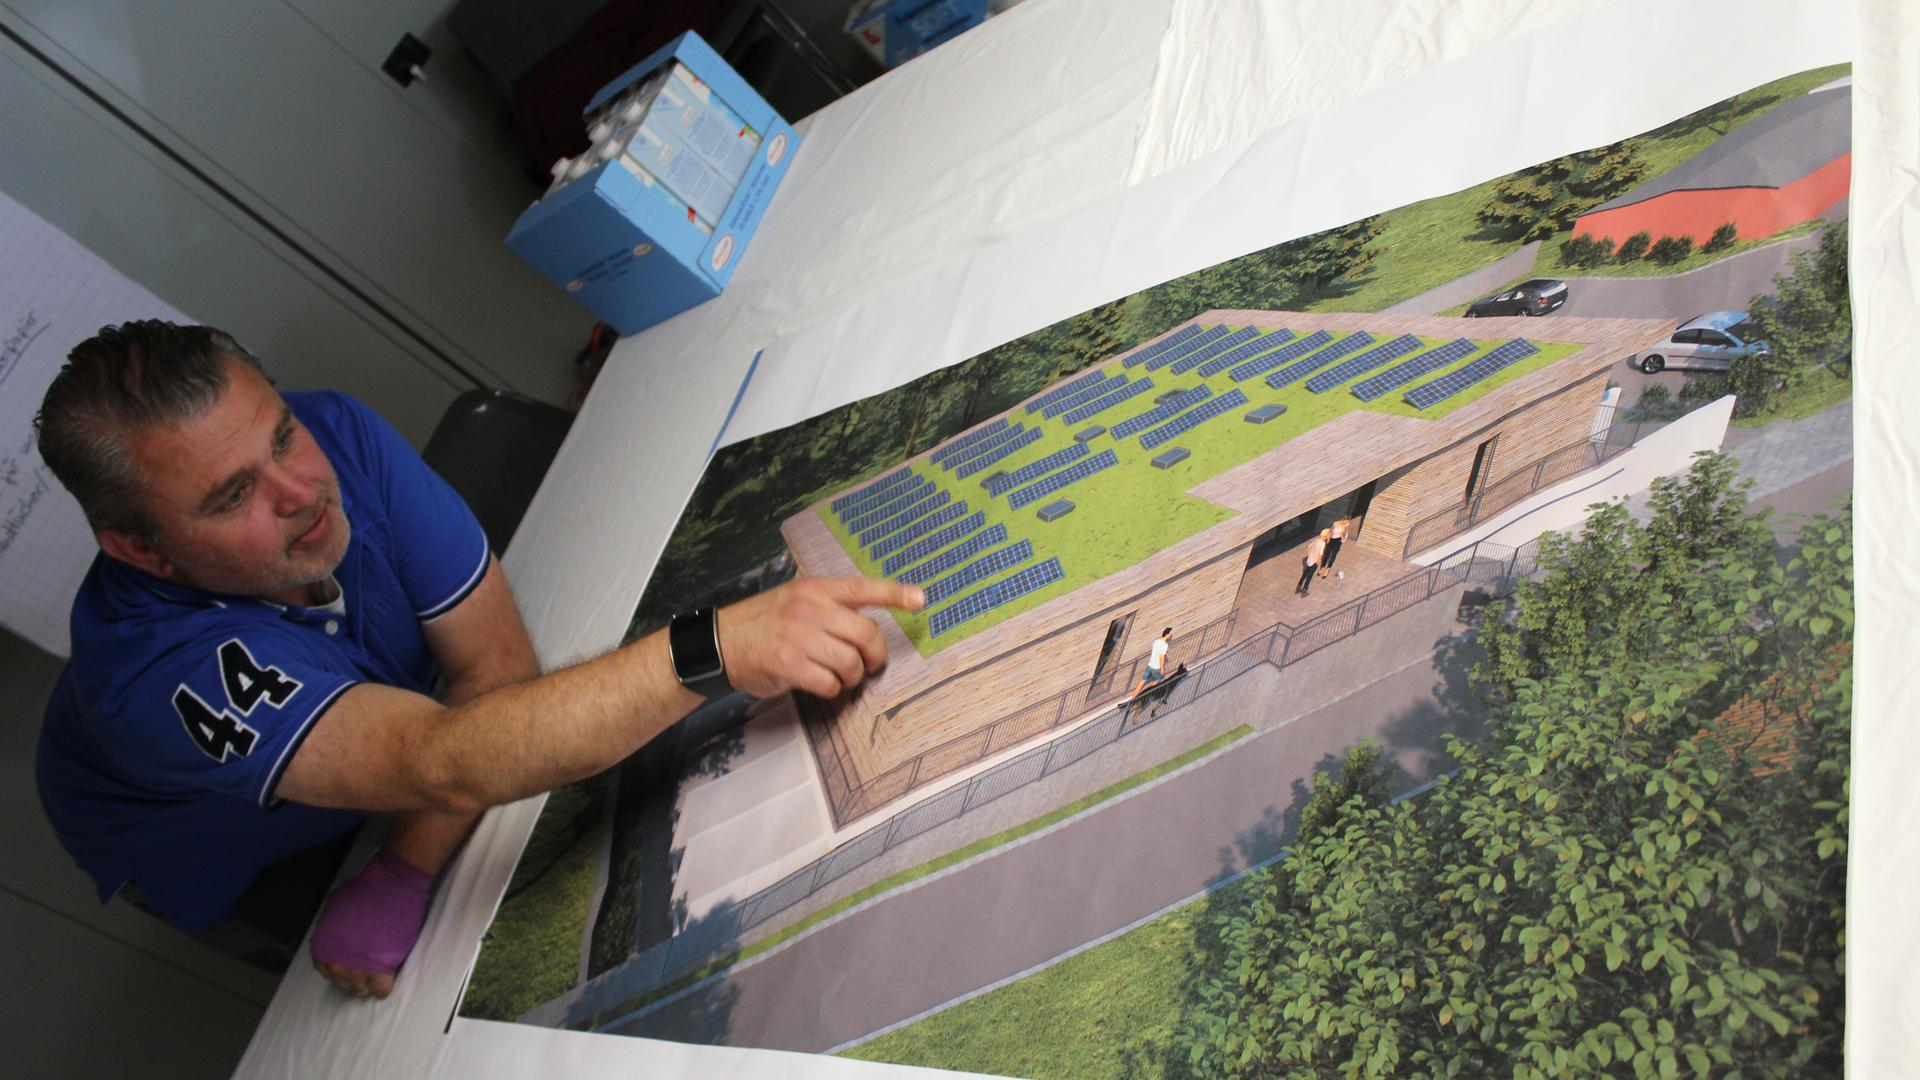 Tierschutzvereins-Vorsitzender René C. Maier-Stadtaus zeigt auf ein Bild der neuen Quarantänestation, die auf dem Tierheimgelände momentan gebaut wird.